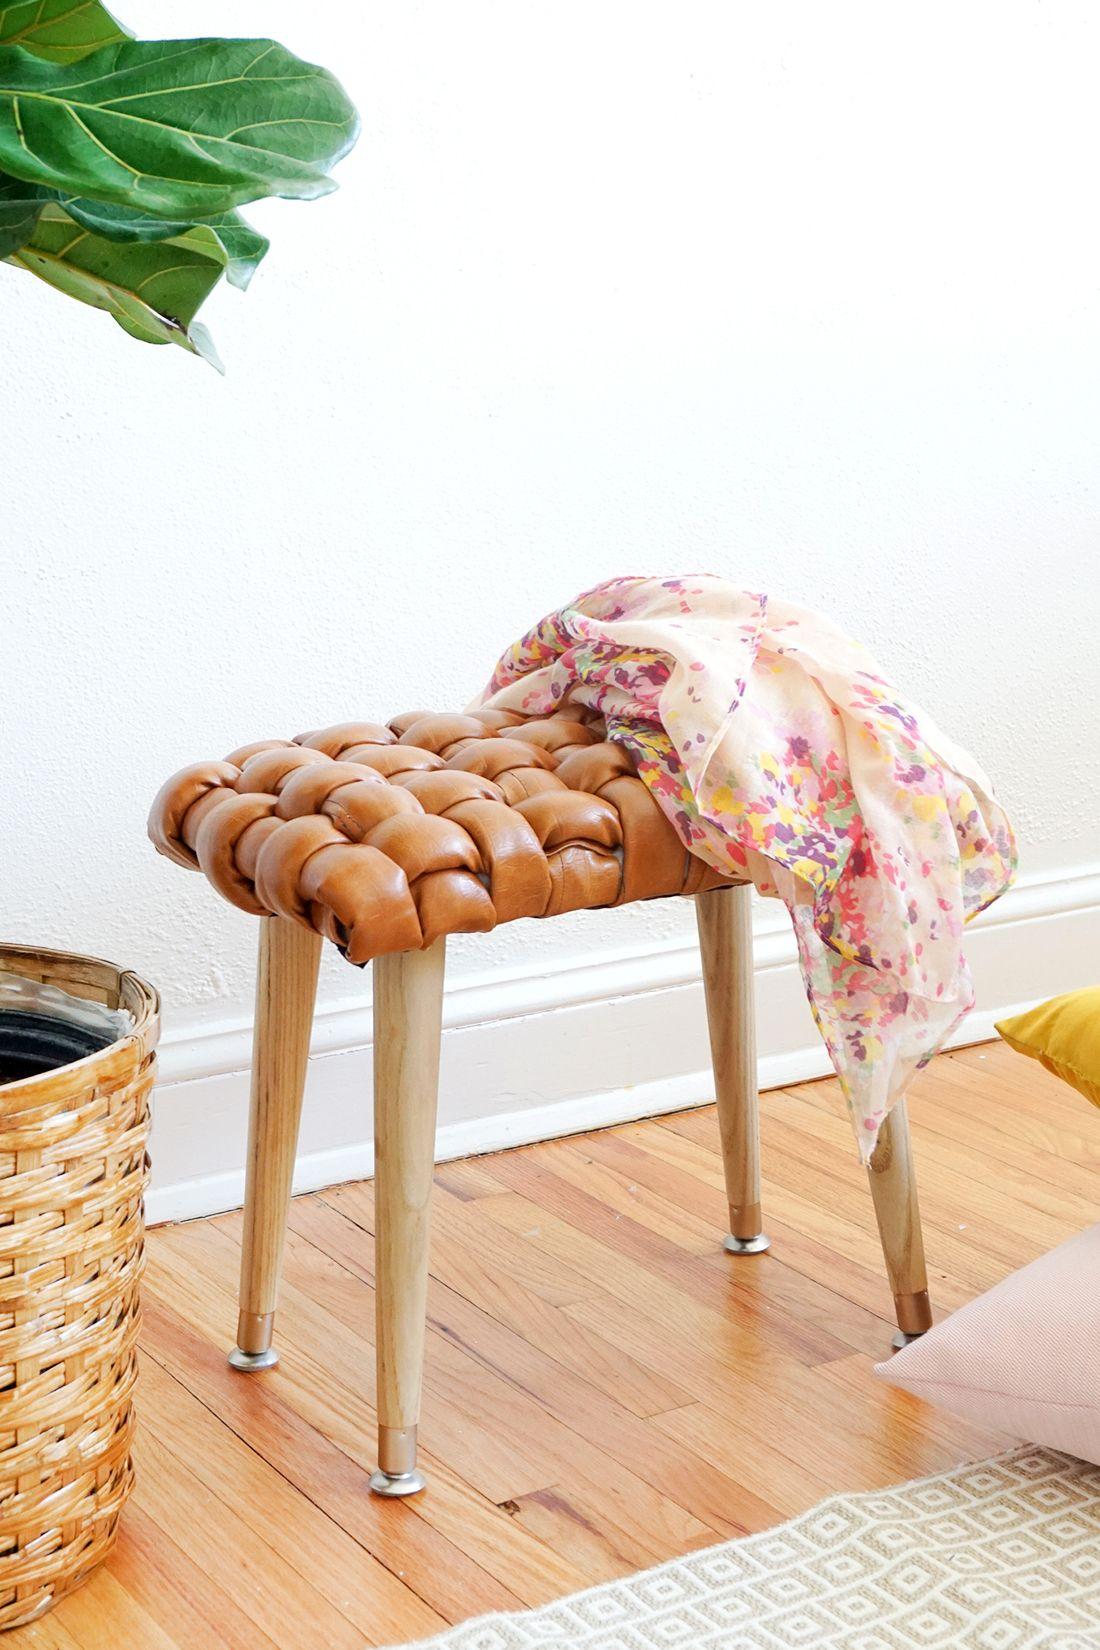 Дешево и красиво: делаем стулья своими руками - image1